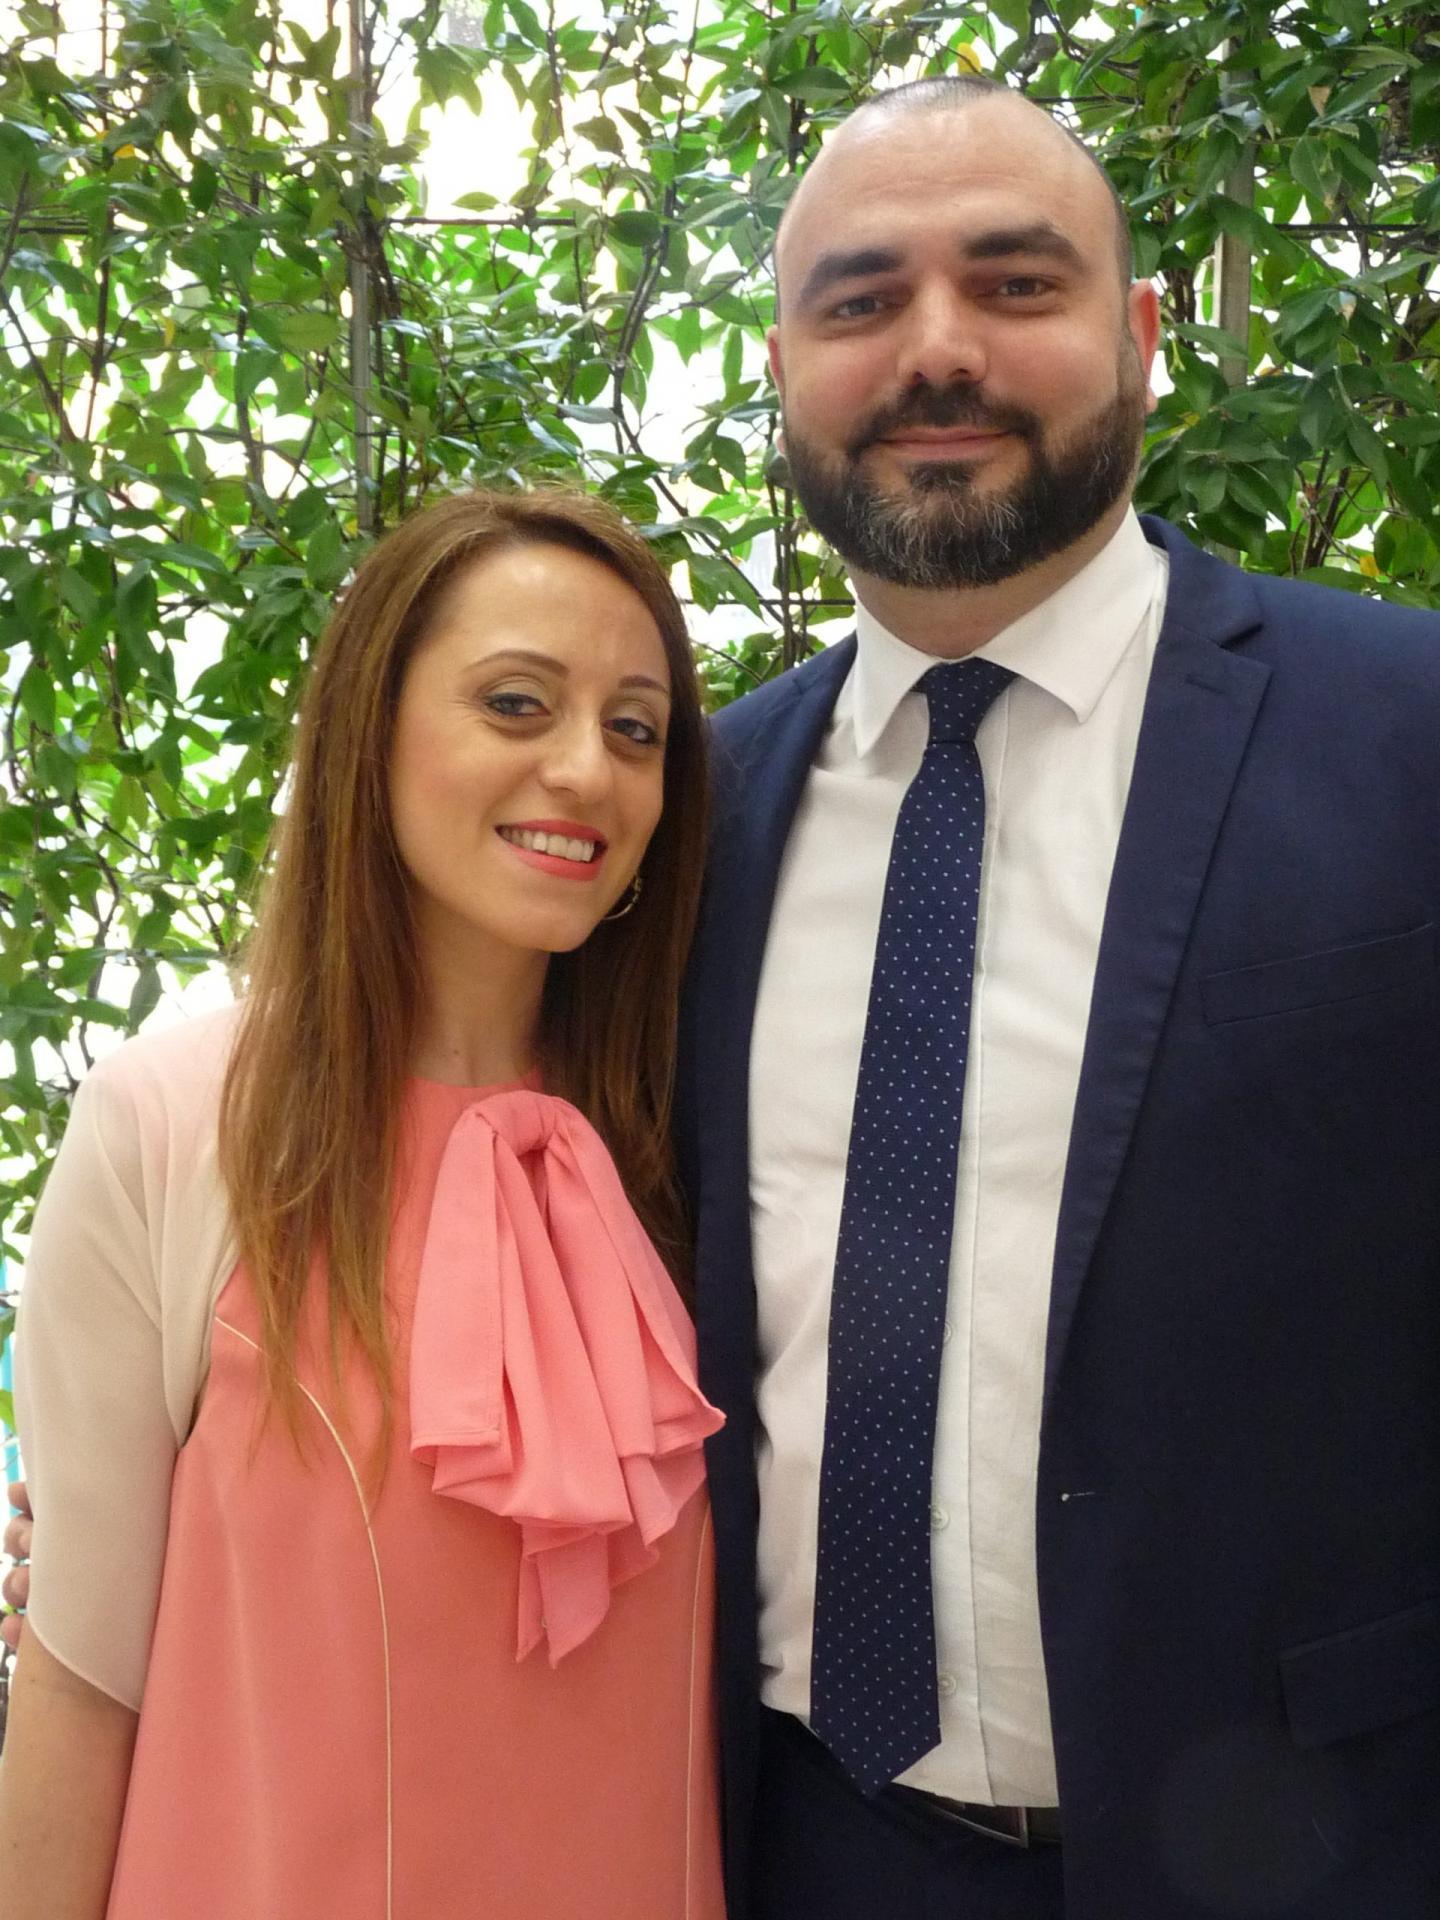 Nausica Orlacchio, réceptionniste dans un hôtel, et Yves-Thomas Moisan, cadre dans la banque.